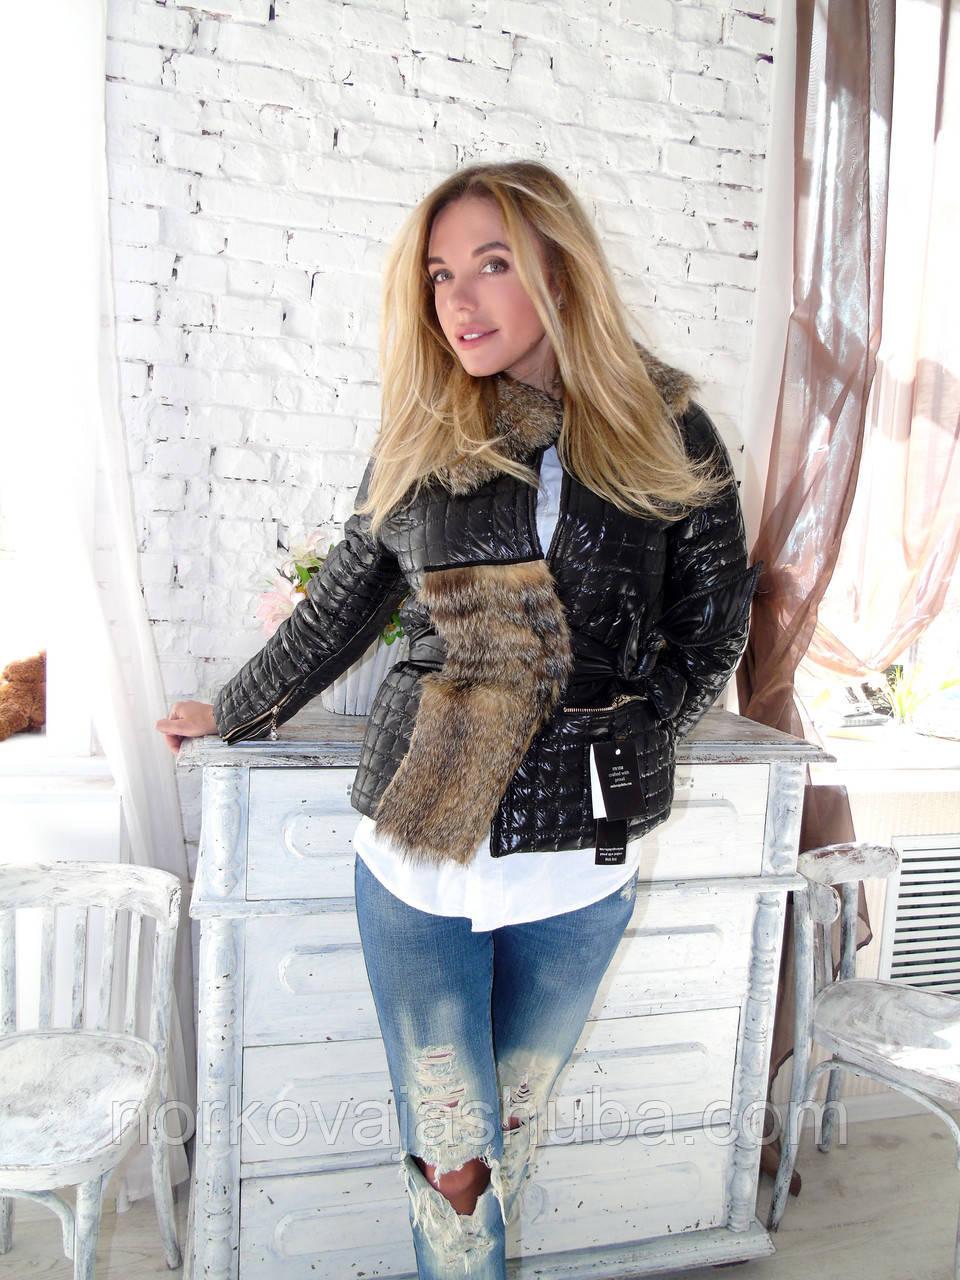 ef2e4627df7 Куртка парка новинка 2016 с мехом 50 52 размер - купить по лучшей ...